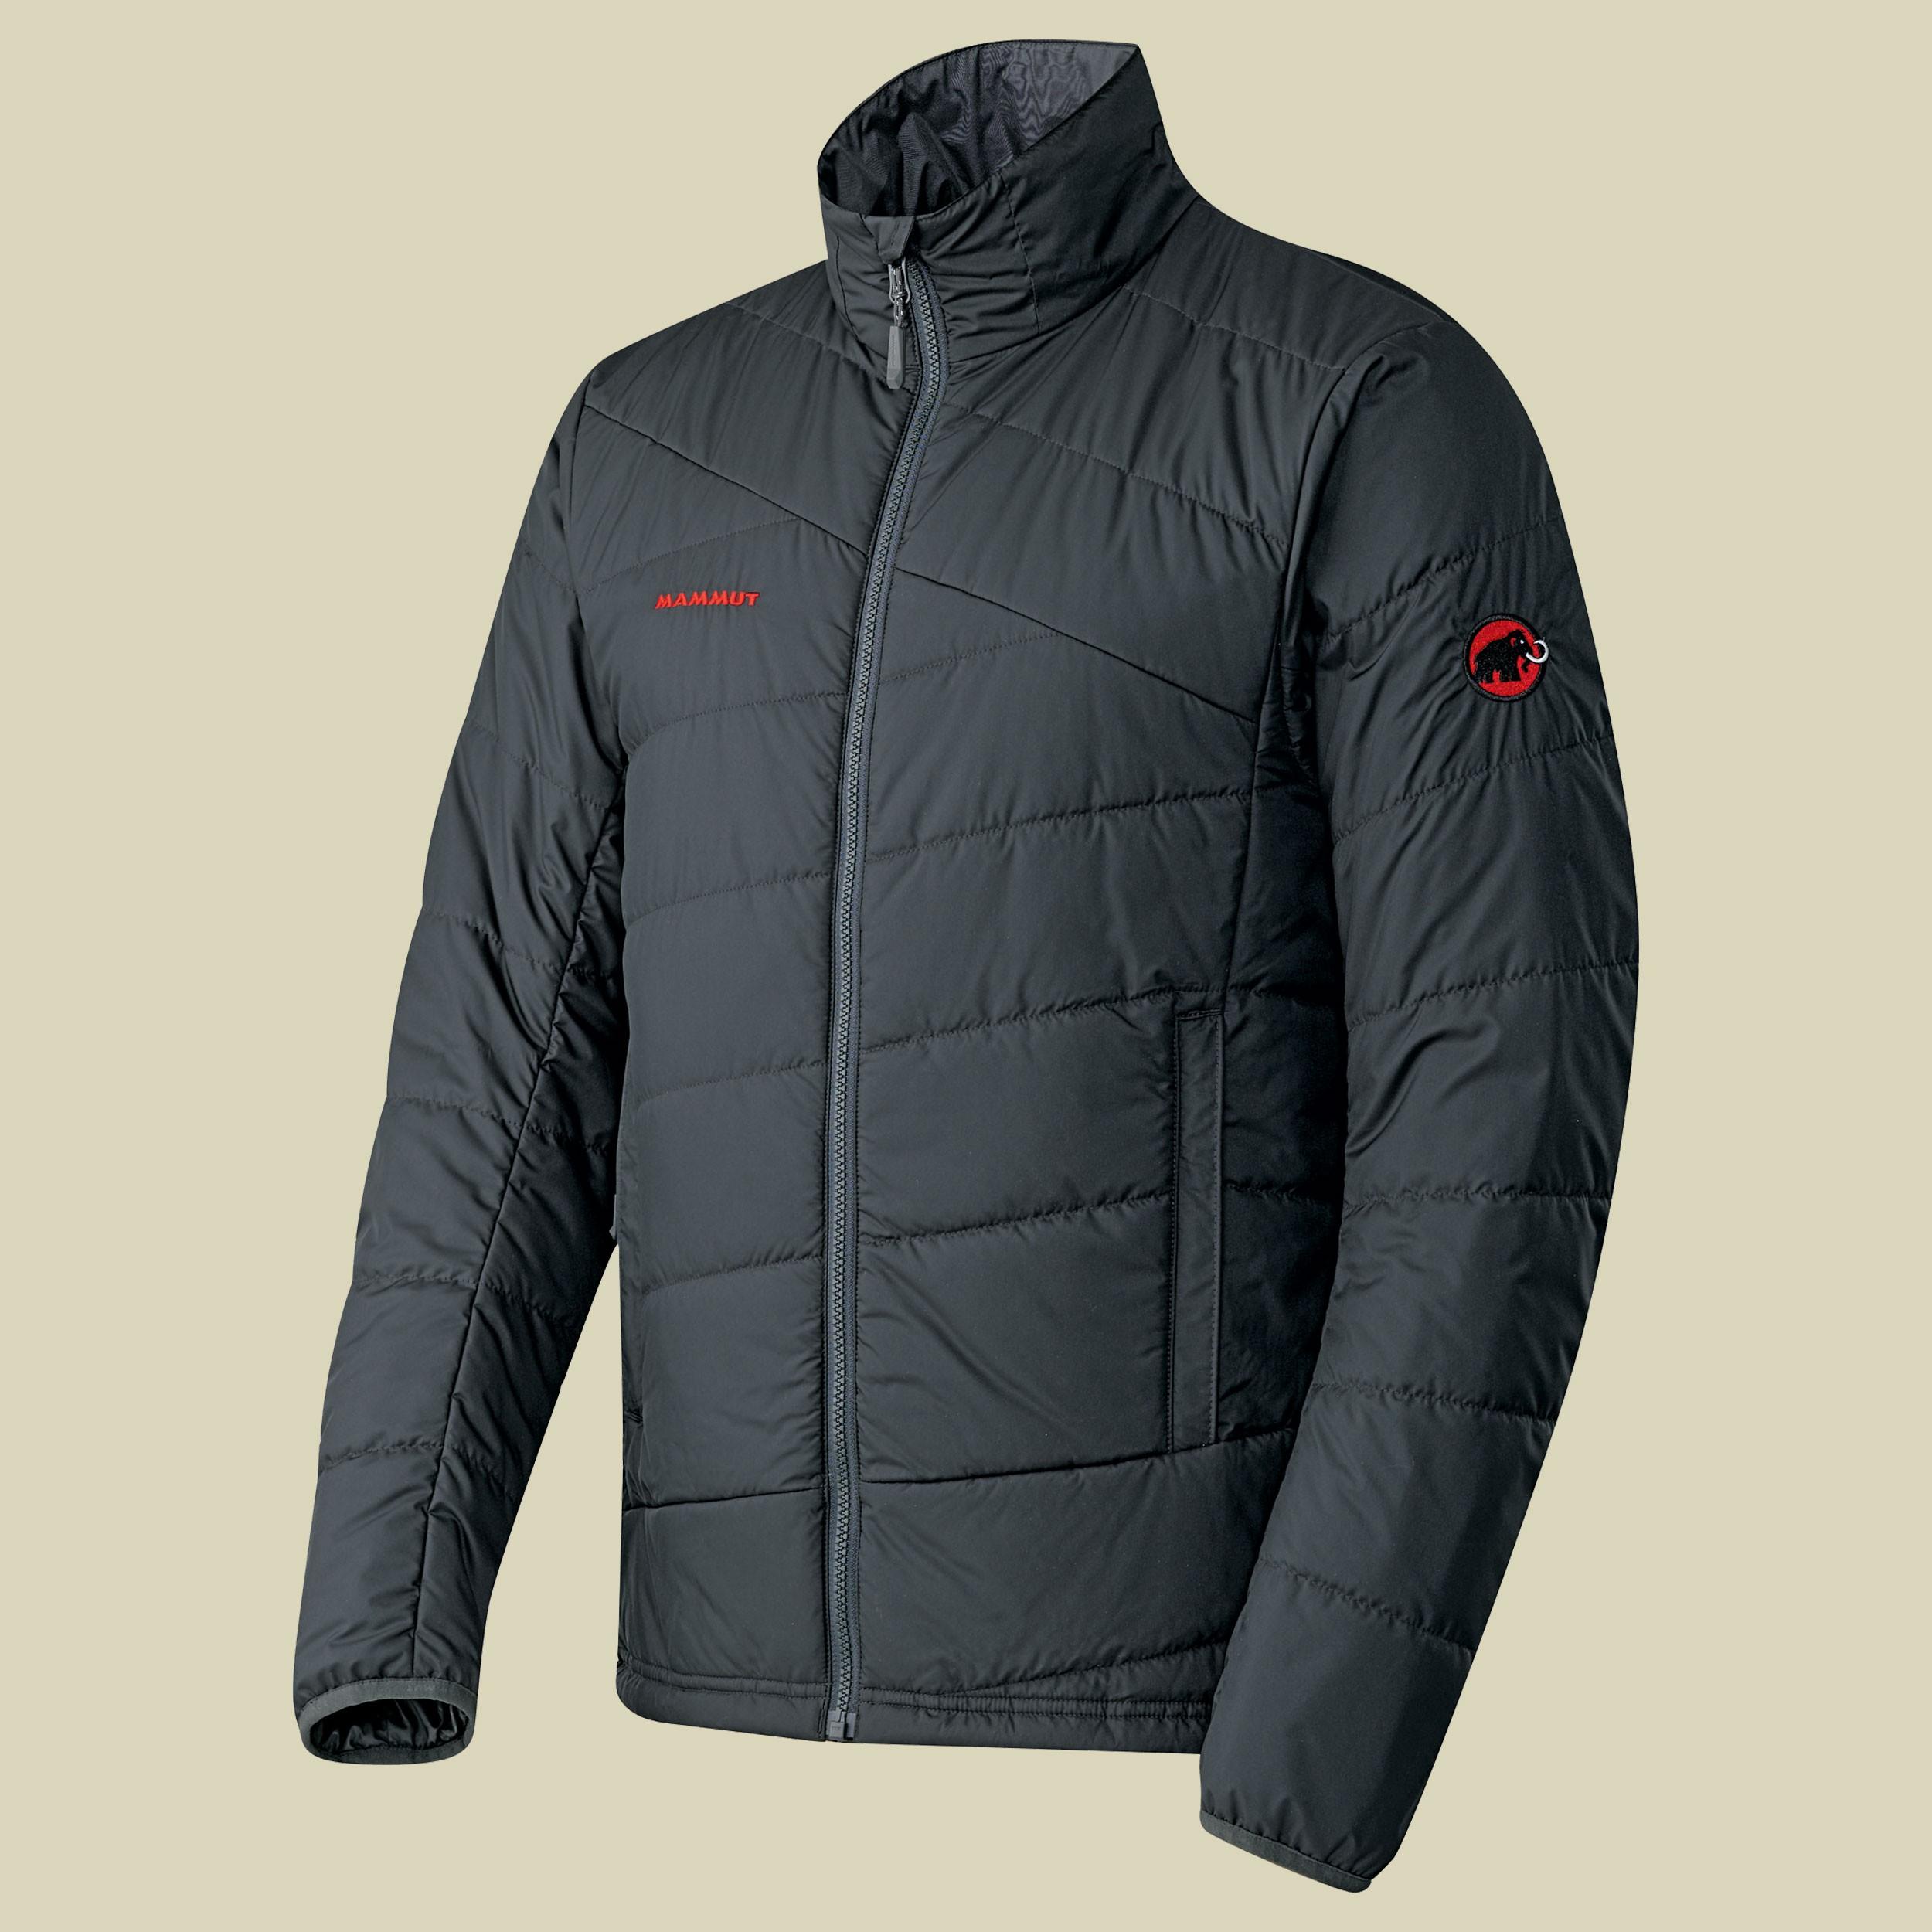 mammut_lanudo_jacket_men_black_fallback.jpg